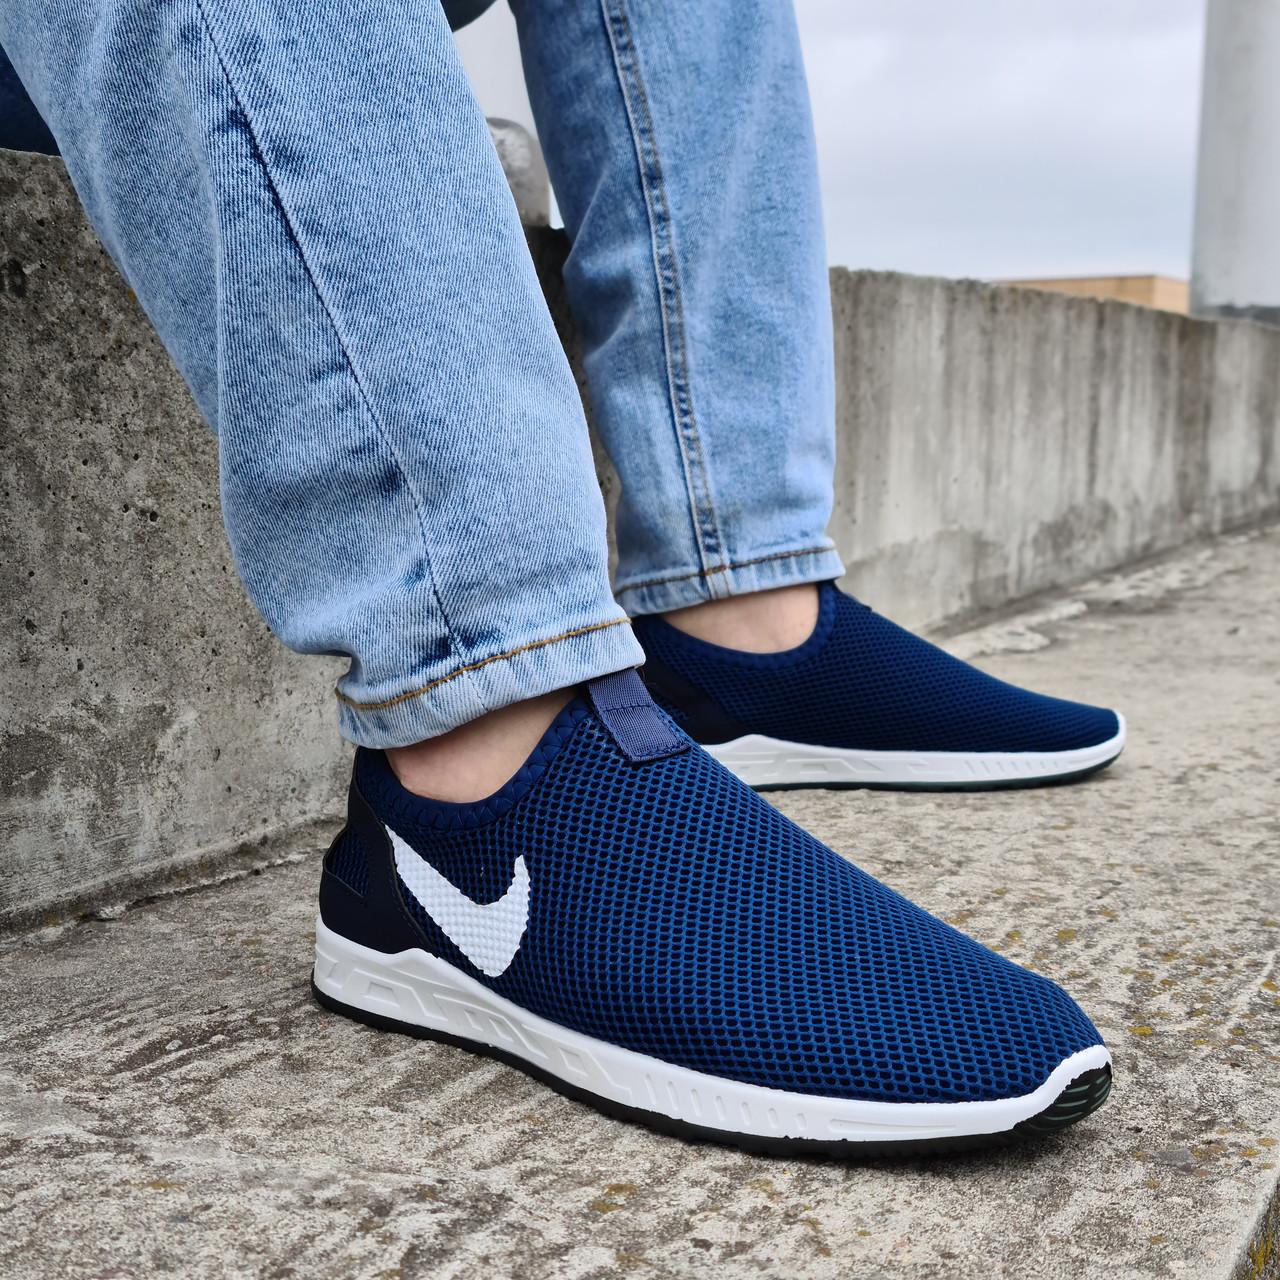 Кросівки чоловічі літні сіточка сині (Бн-15сн)